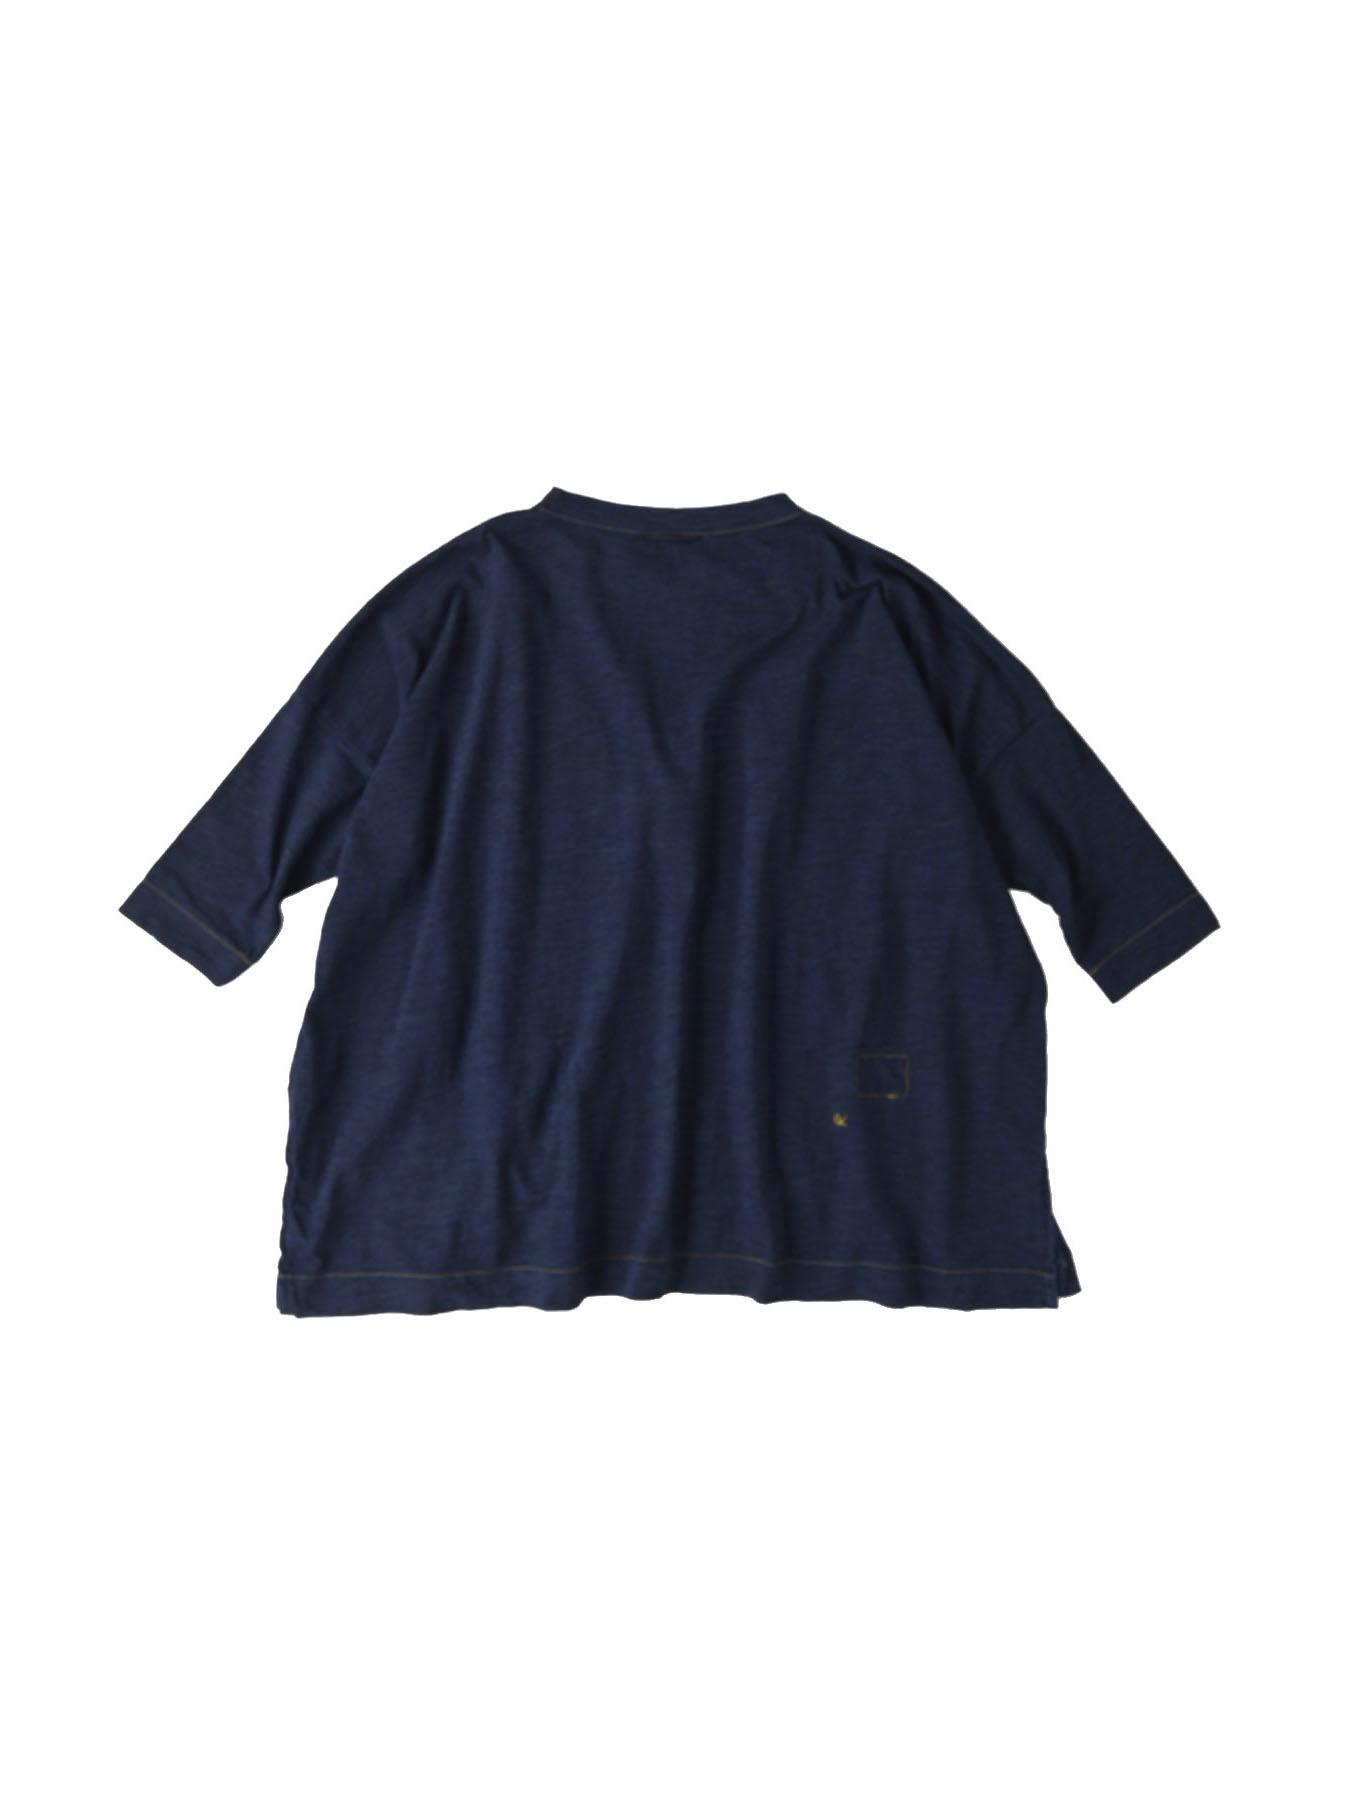 Indigo Nou Zimbabwe Cotton Big Slit T-shirt (0721)-1